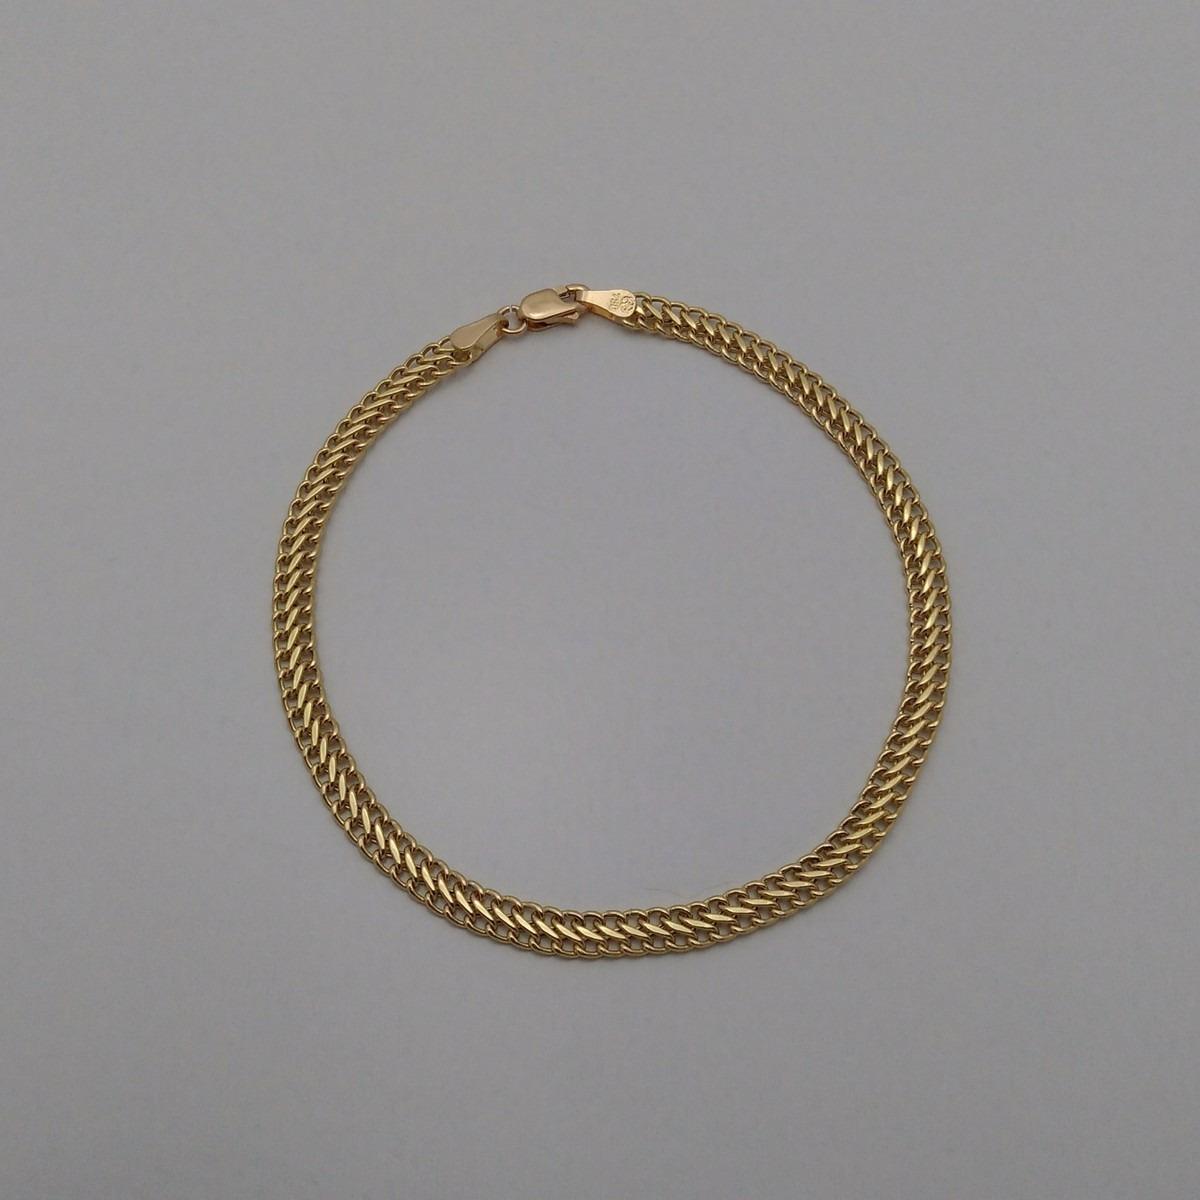 cf91a501083 pulseira feminina ouro 18k liga 750 elo lacraia frete gratis. Carregando  zoom.